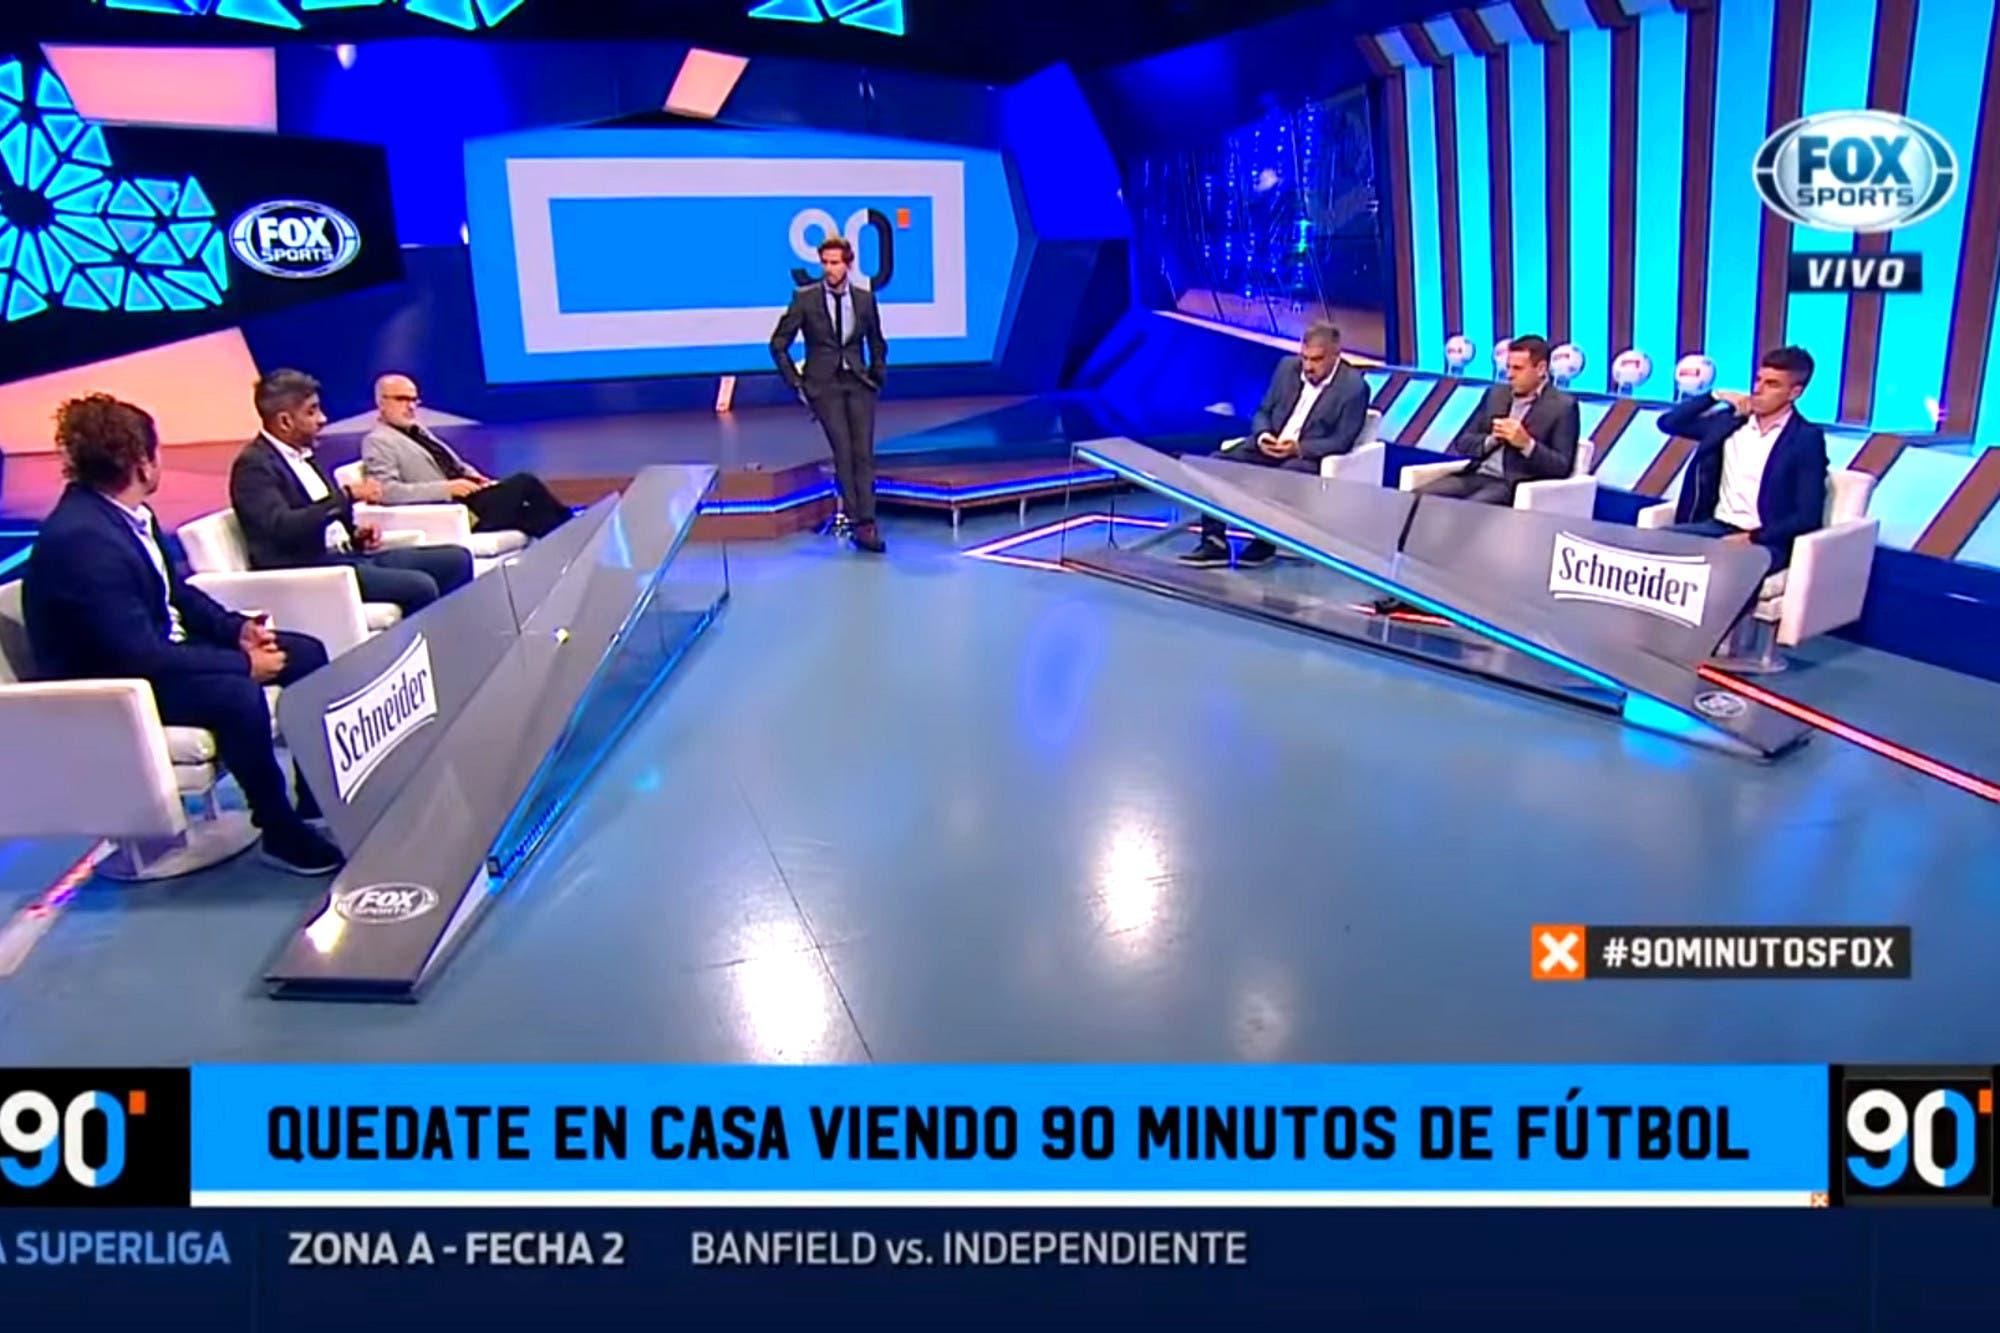 90 Minutos De Futbol En Vivo Por Internet 90 minutos de fútbol: el programa que mantiene la fórmula